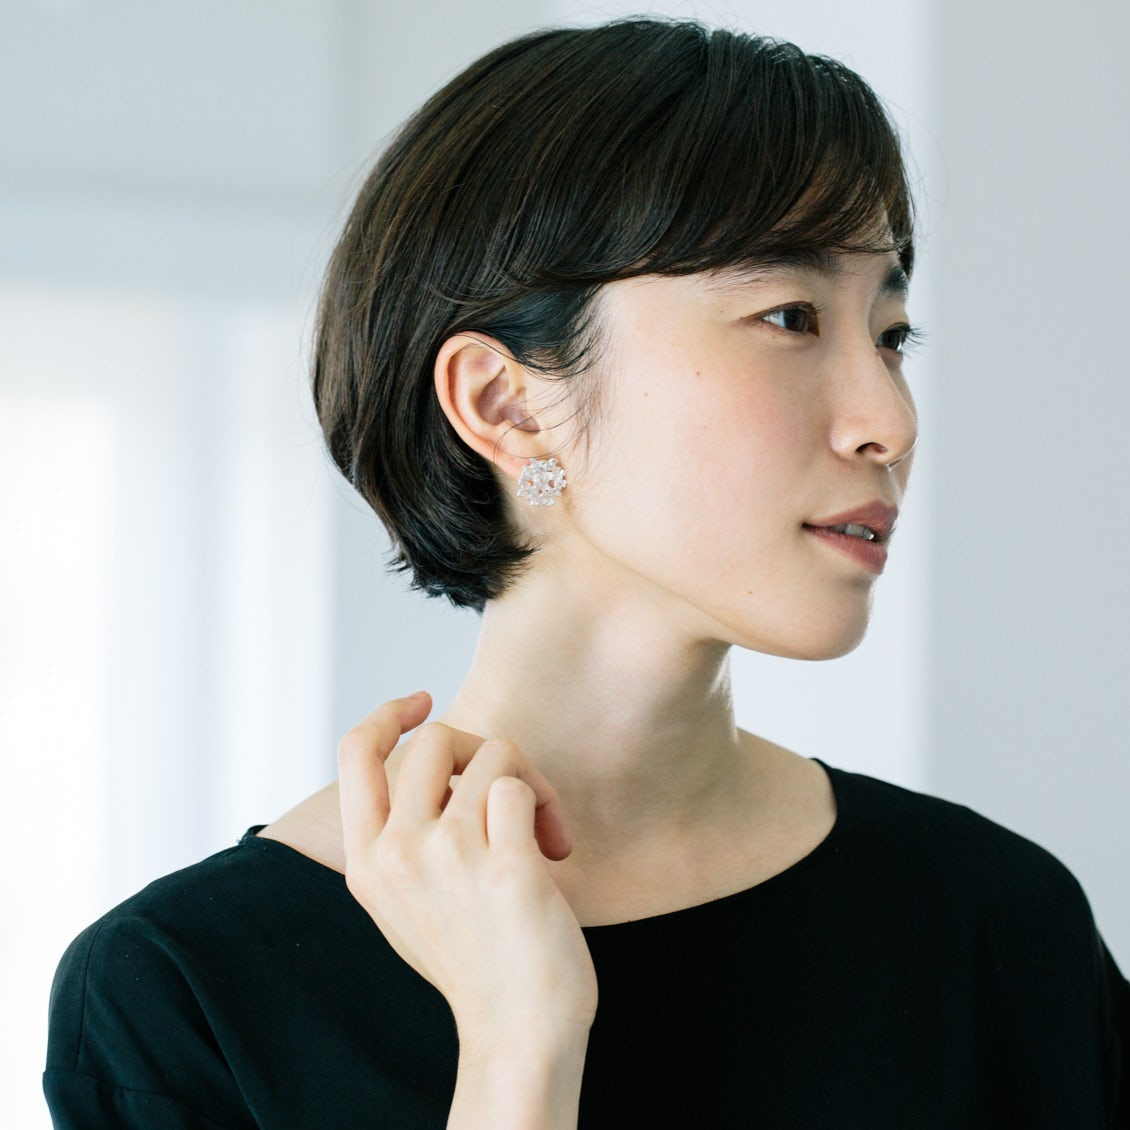 【新商品】耳元に大人のきらめきを。作家・nakagawa kumikoさんのイヤリングとピアスが新登場です!